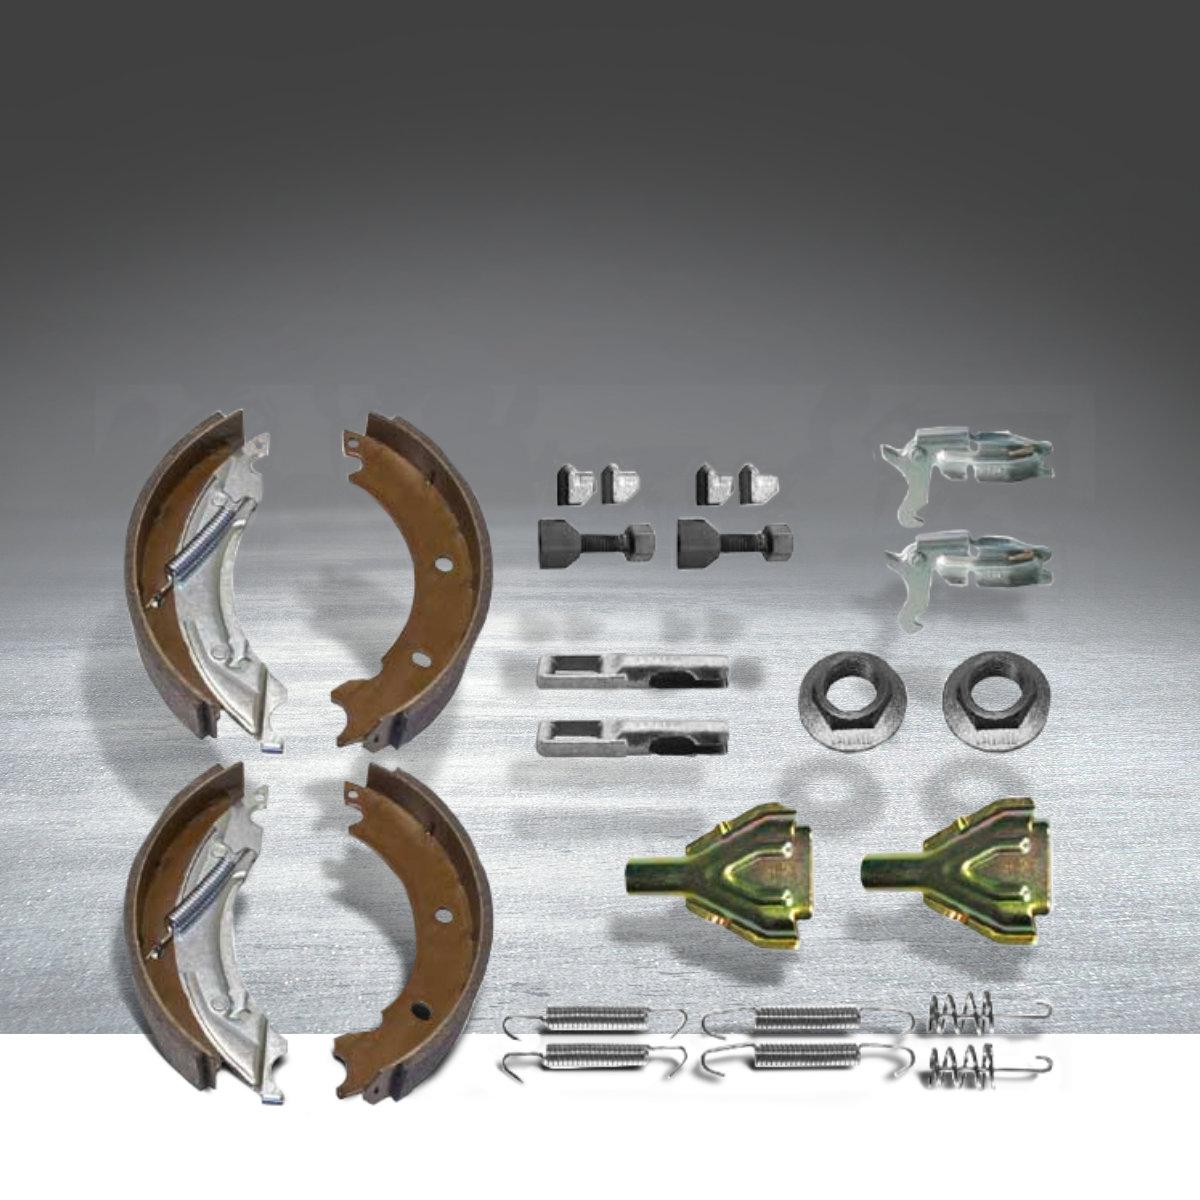 KNOTT dijelovi kočnice 160x35 compact ležaj